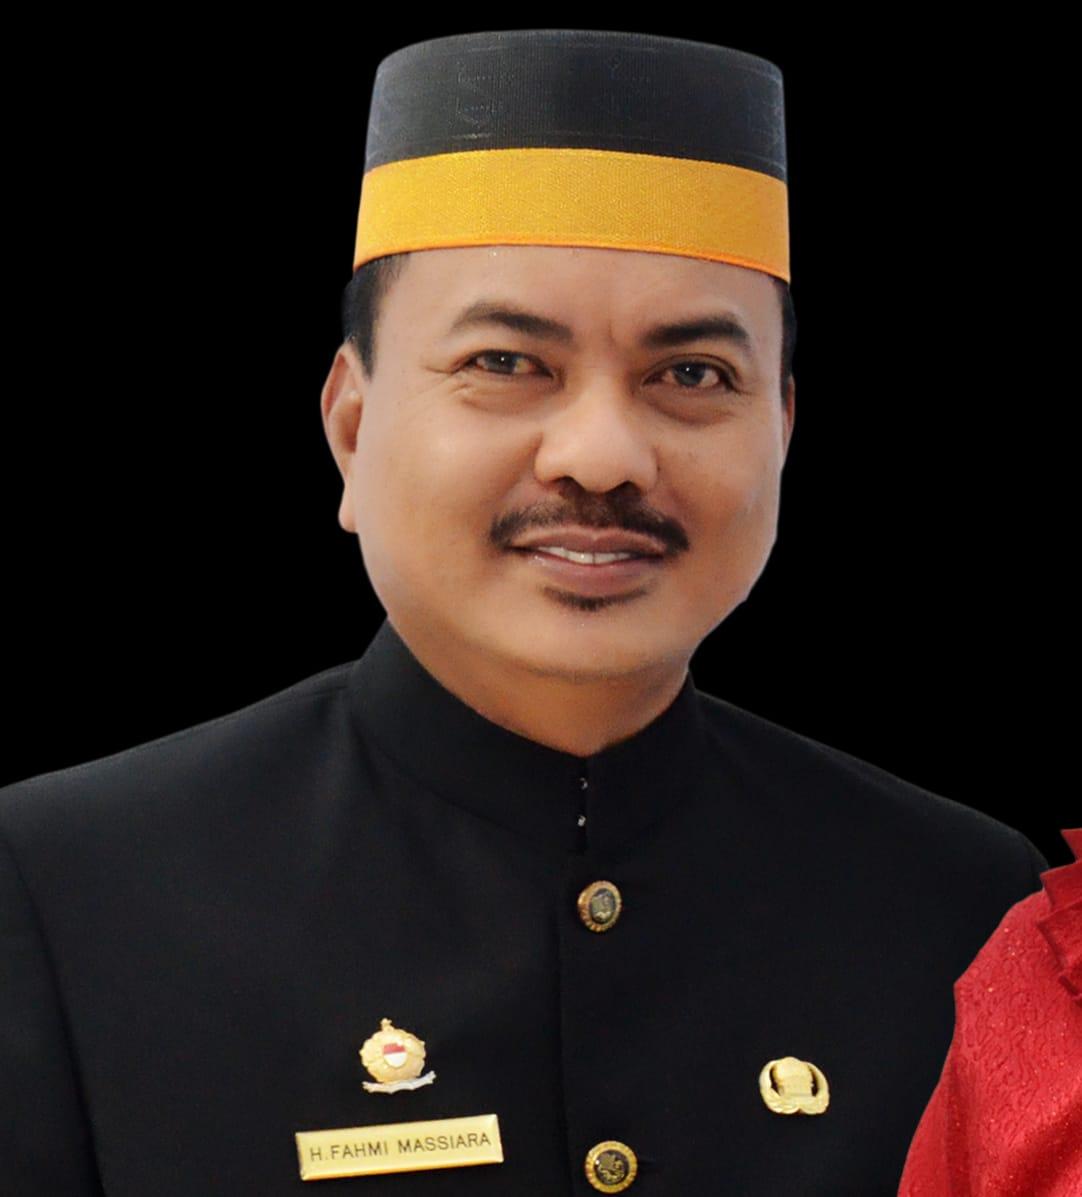 Bupati Majene Fahmi Massiara Meninggal Dunia